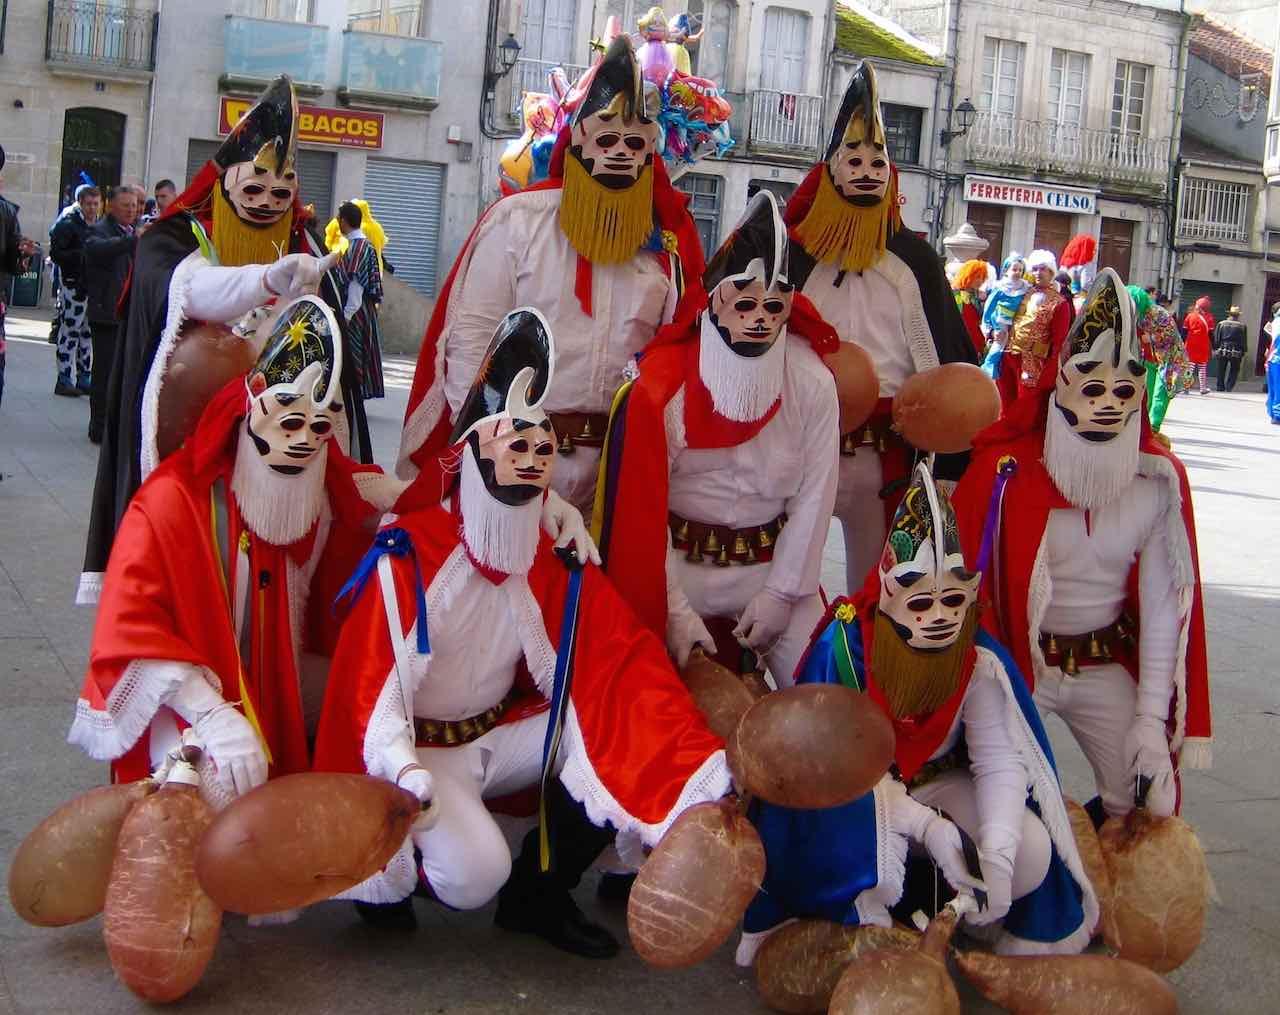 Carnaval en Galicia. El Entroido de Xinzo de Limia